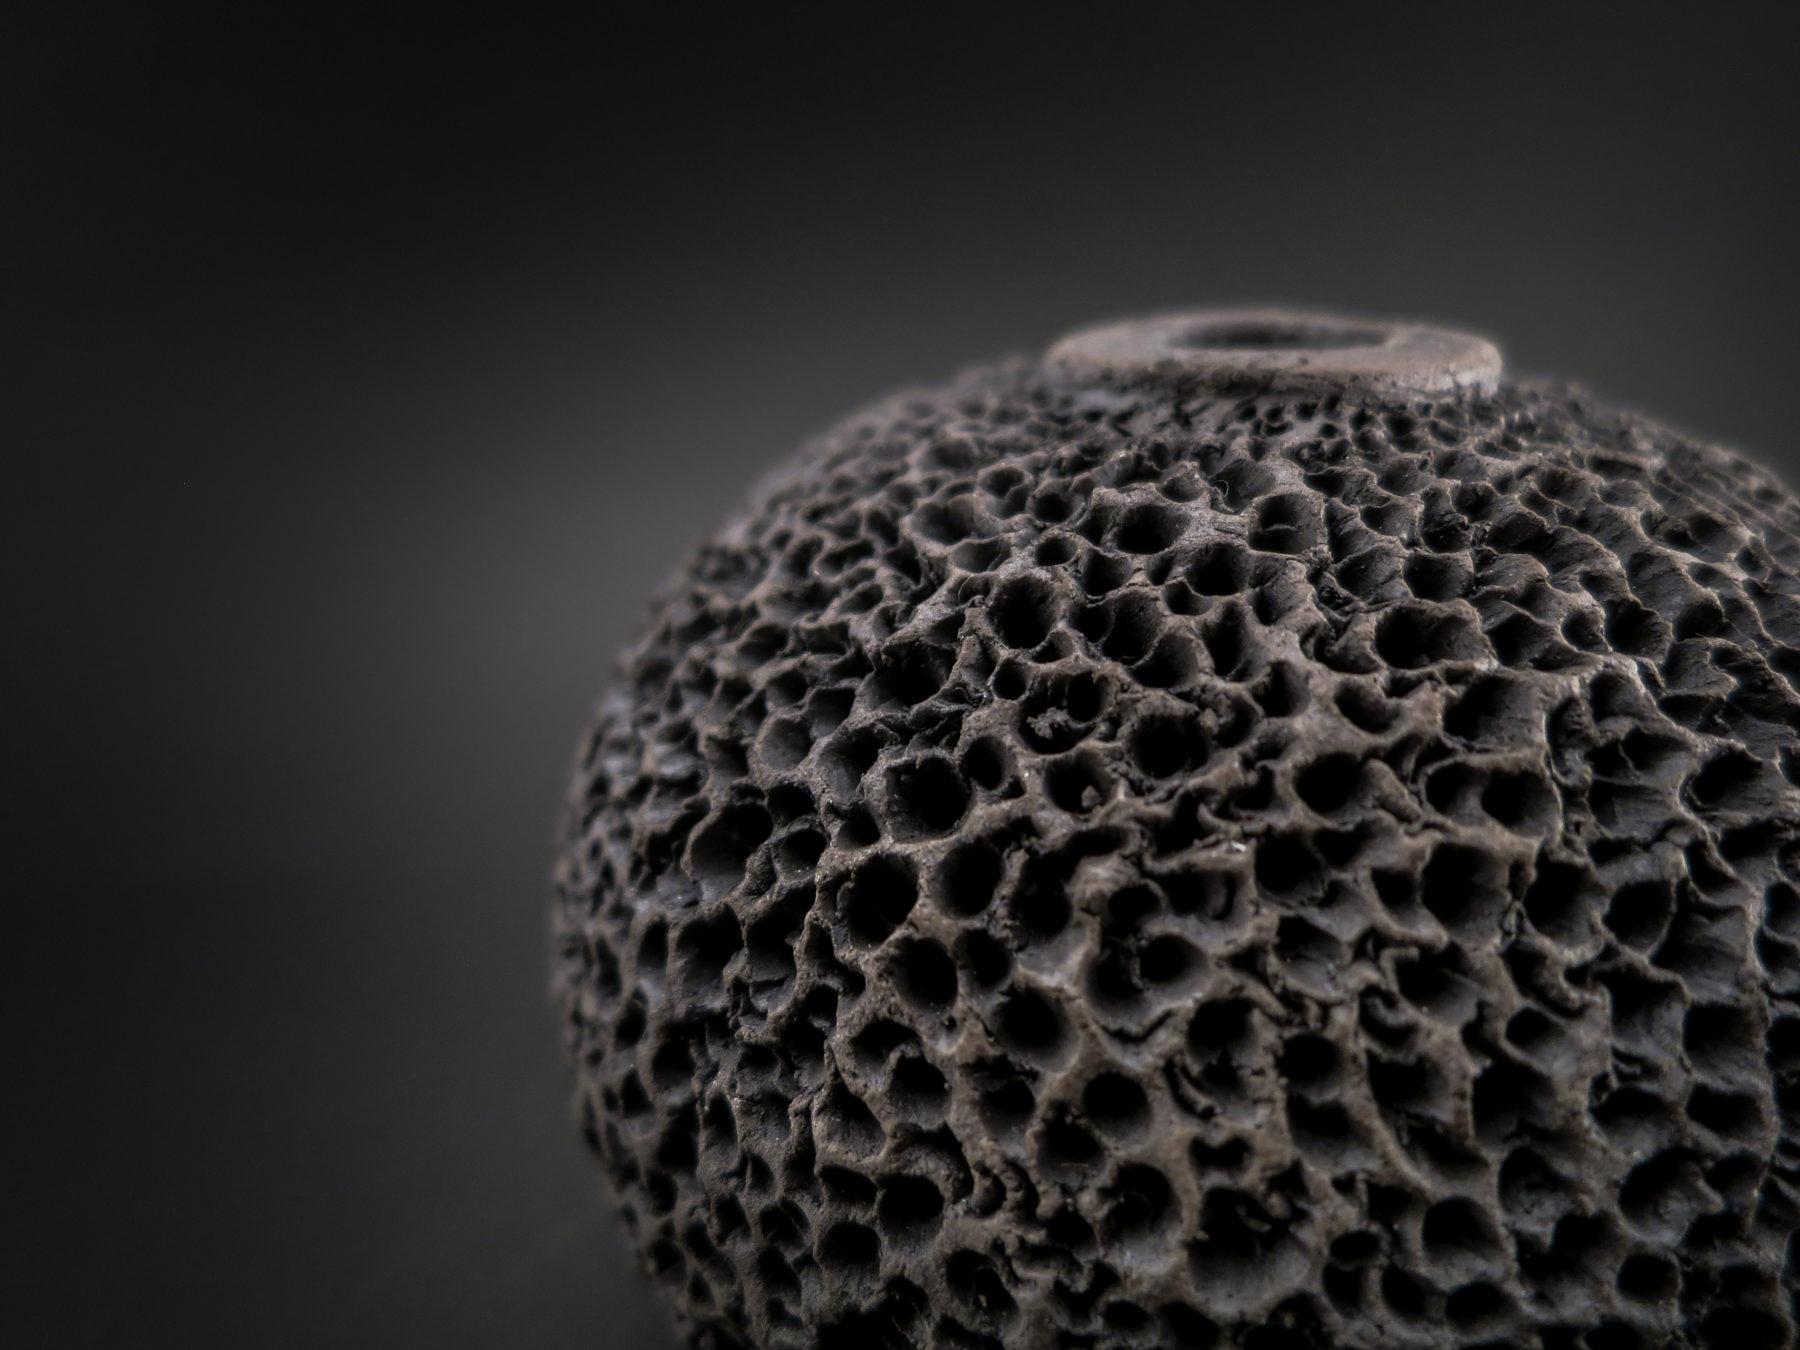 Black Sponge: Whispering Globe close up - Ildikó Károlyi